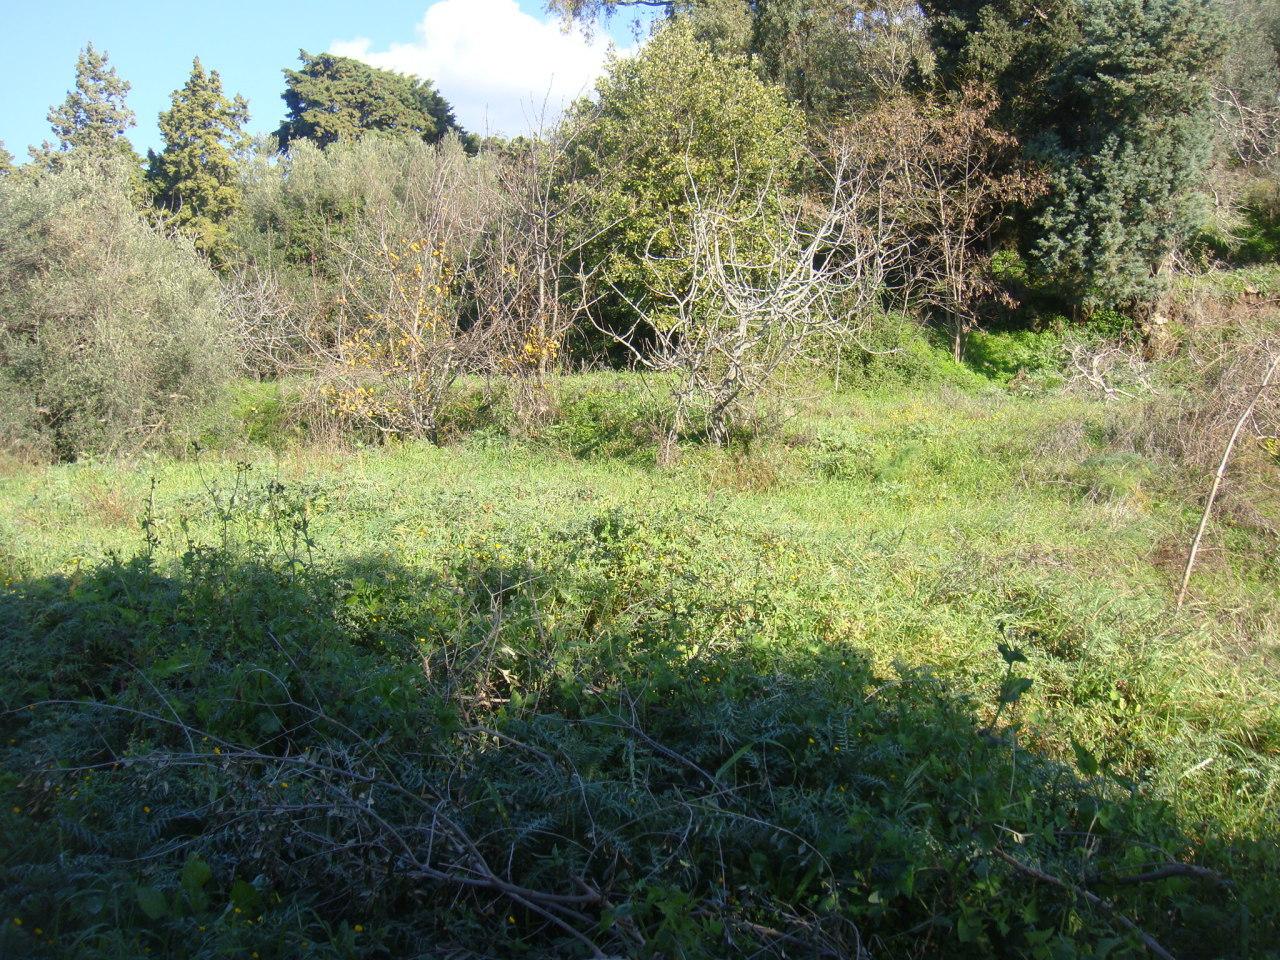 Terreno REGGIO DI CALABRIA vendita  reggio campi  CASTALDO INTERMEDIAZIONE IMMOBILIARE